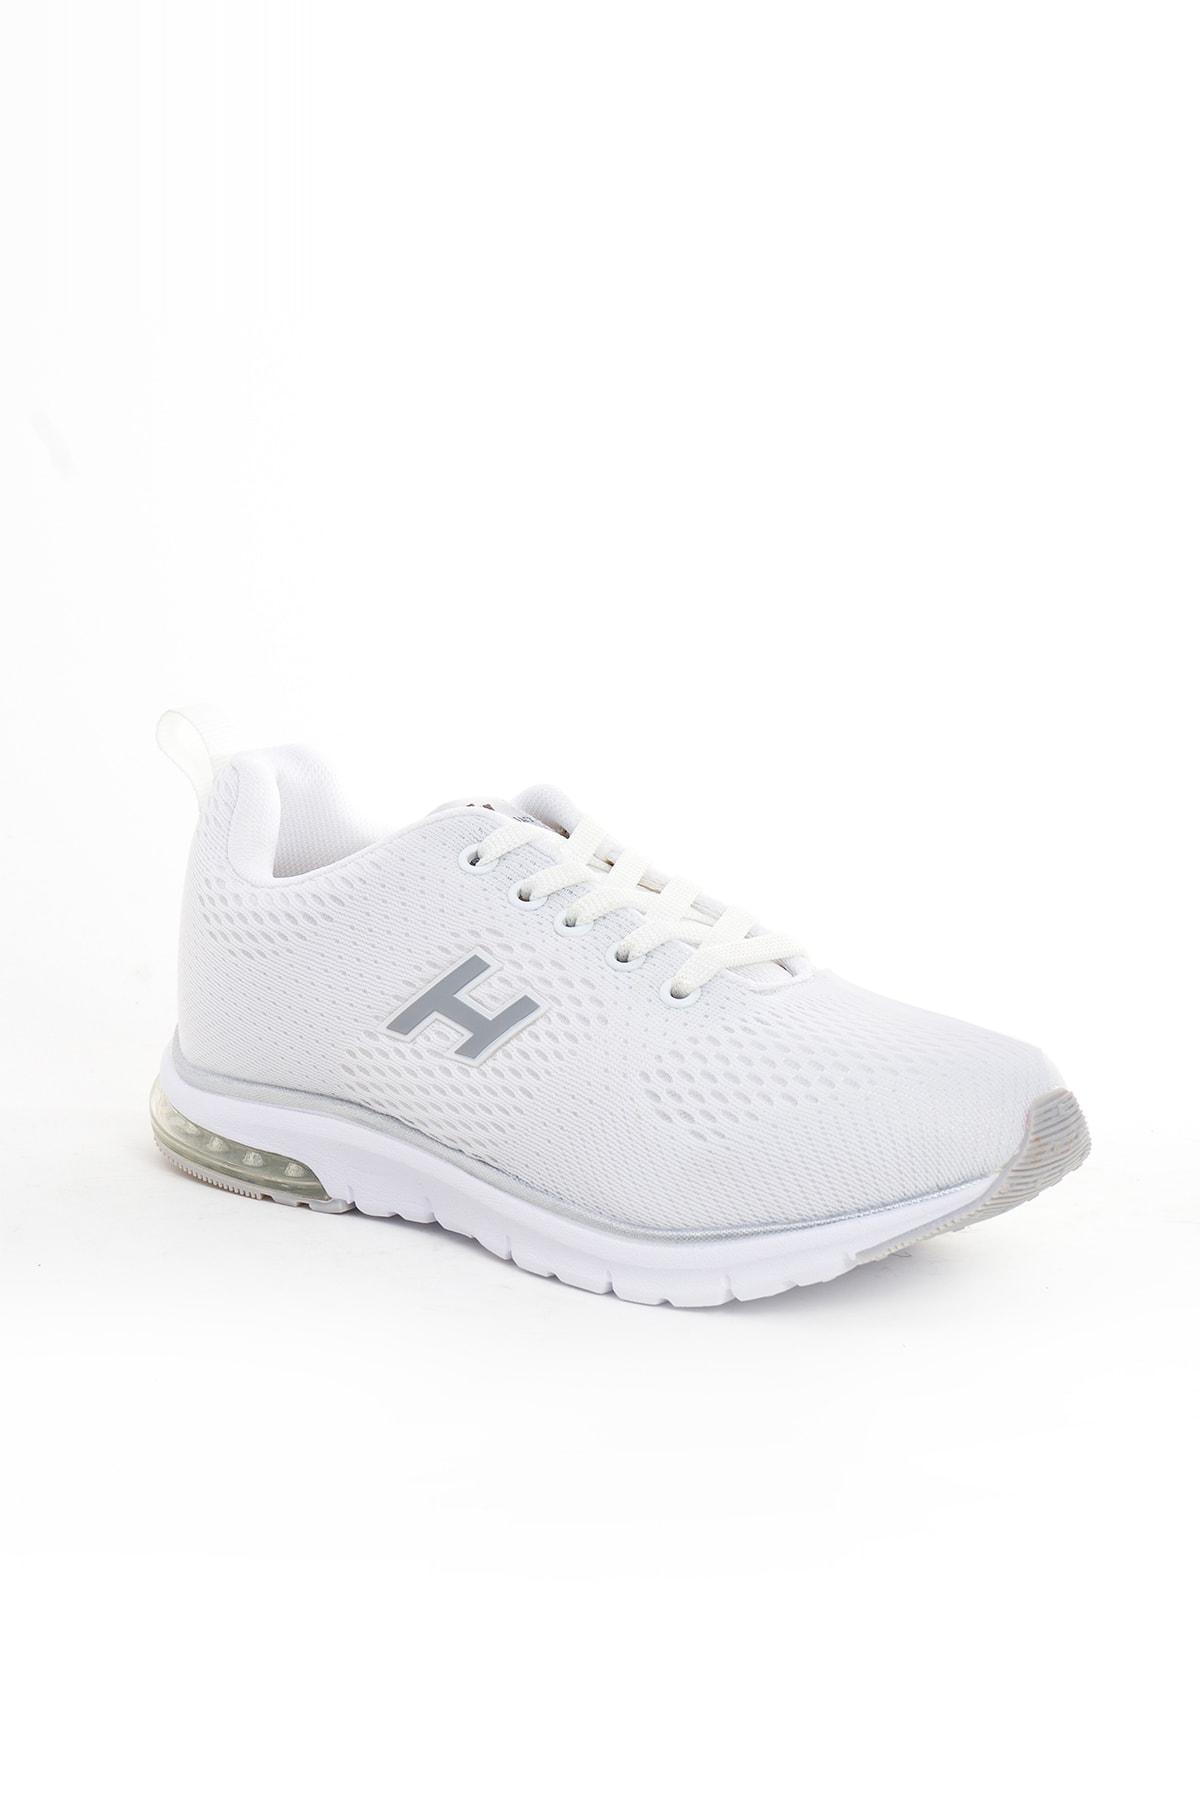 Hummer jack Kadın Beyaz Spor Ayakkabı 201917